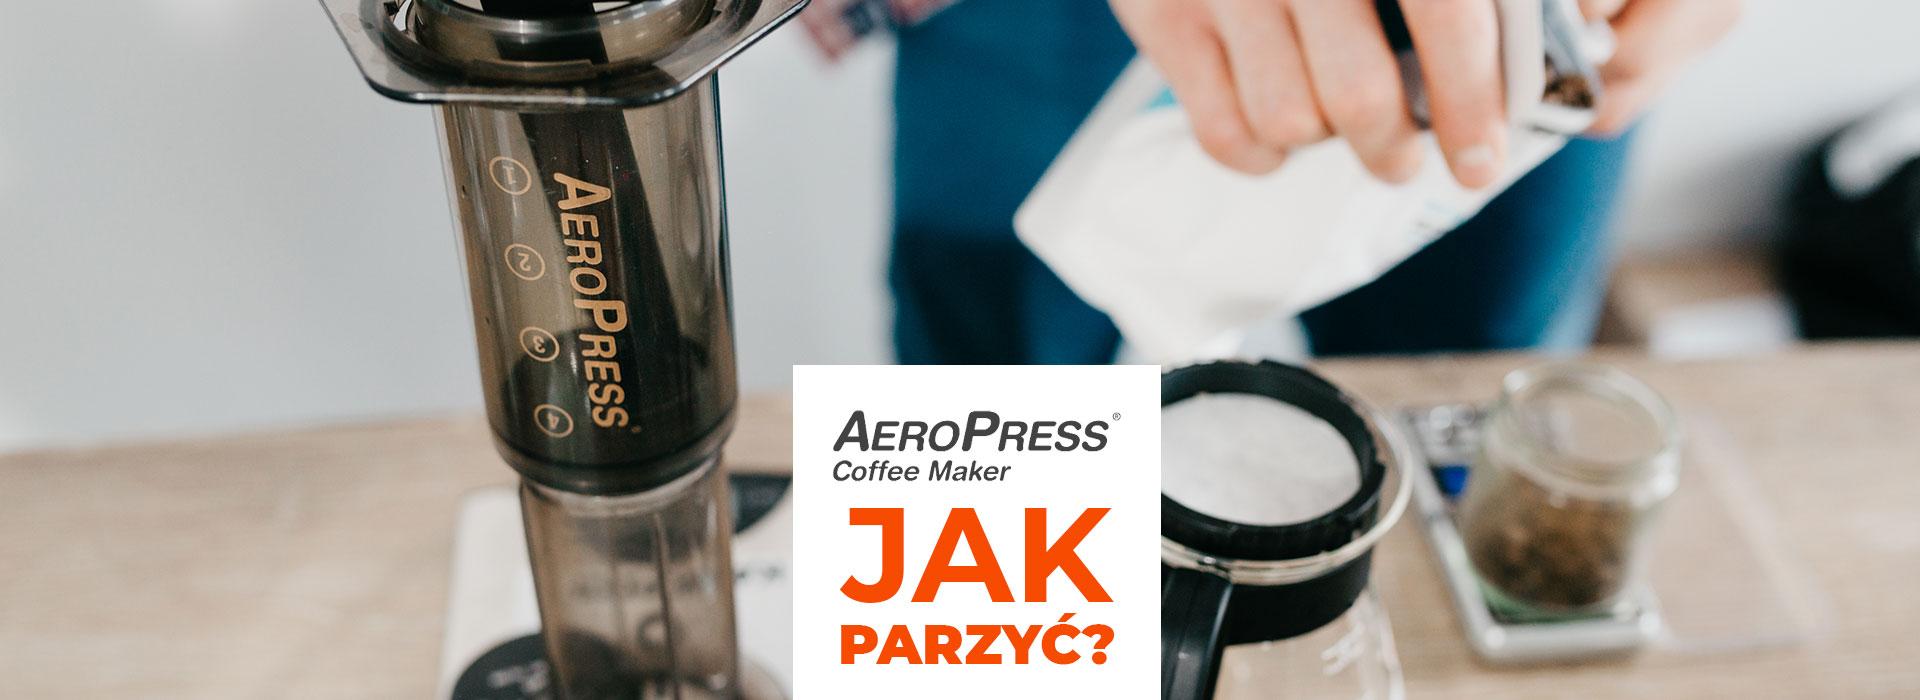 Zaparzenie kawy w AeroPress ®  jest banalnie proste. Sprawdź metodę tradycyjną i odwróconą.           | ZielonyTarg.pl